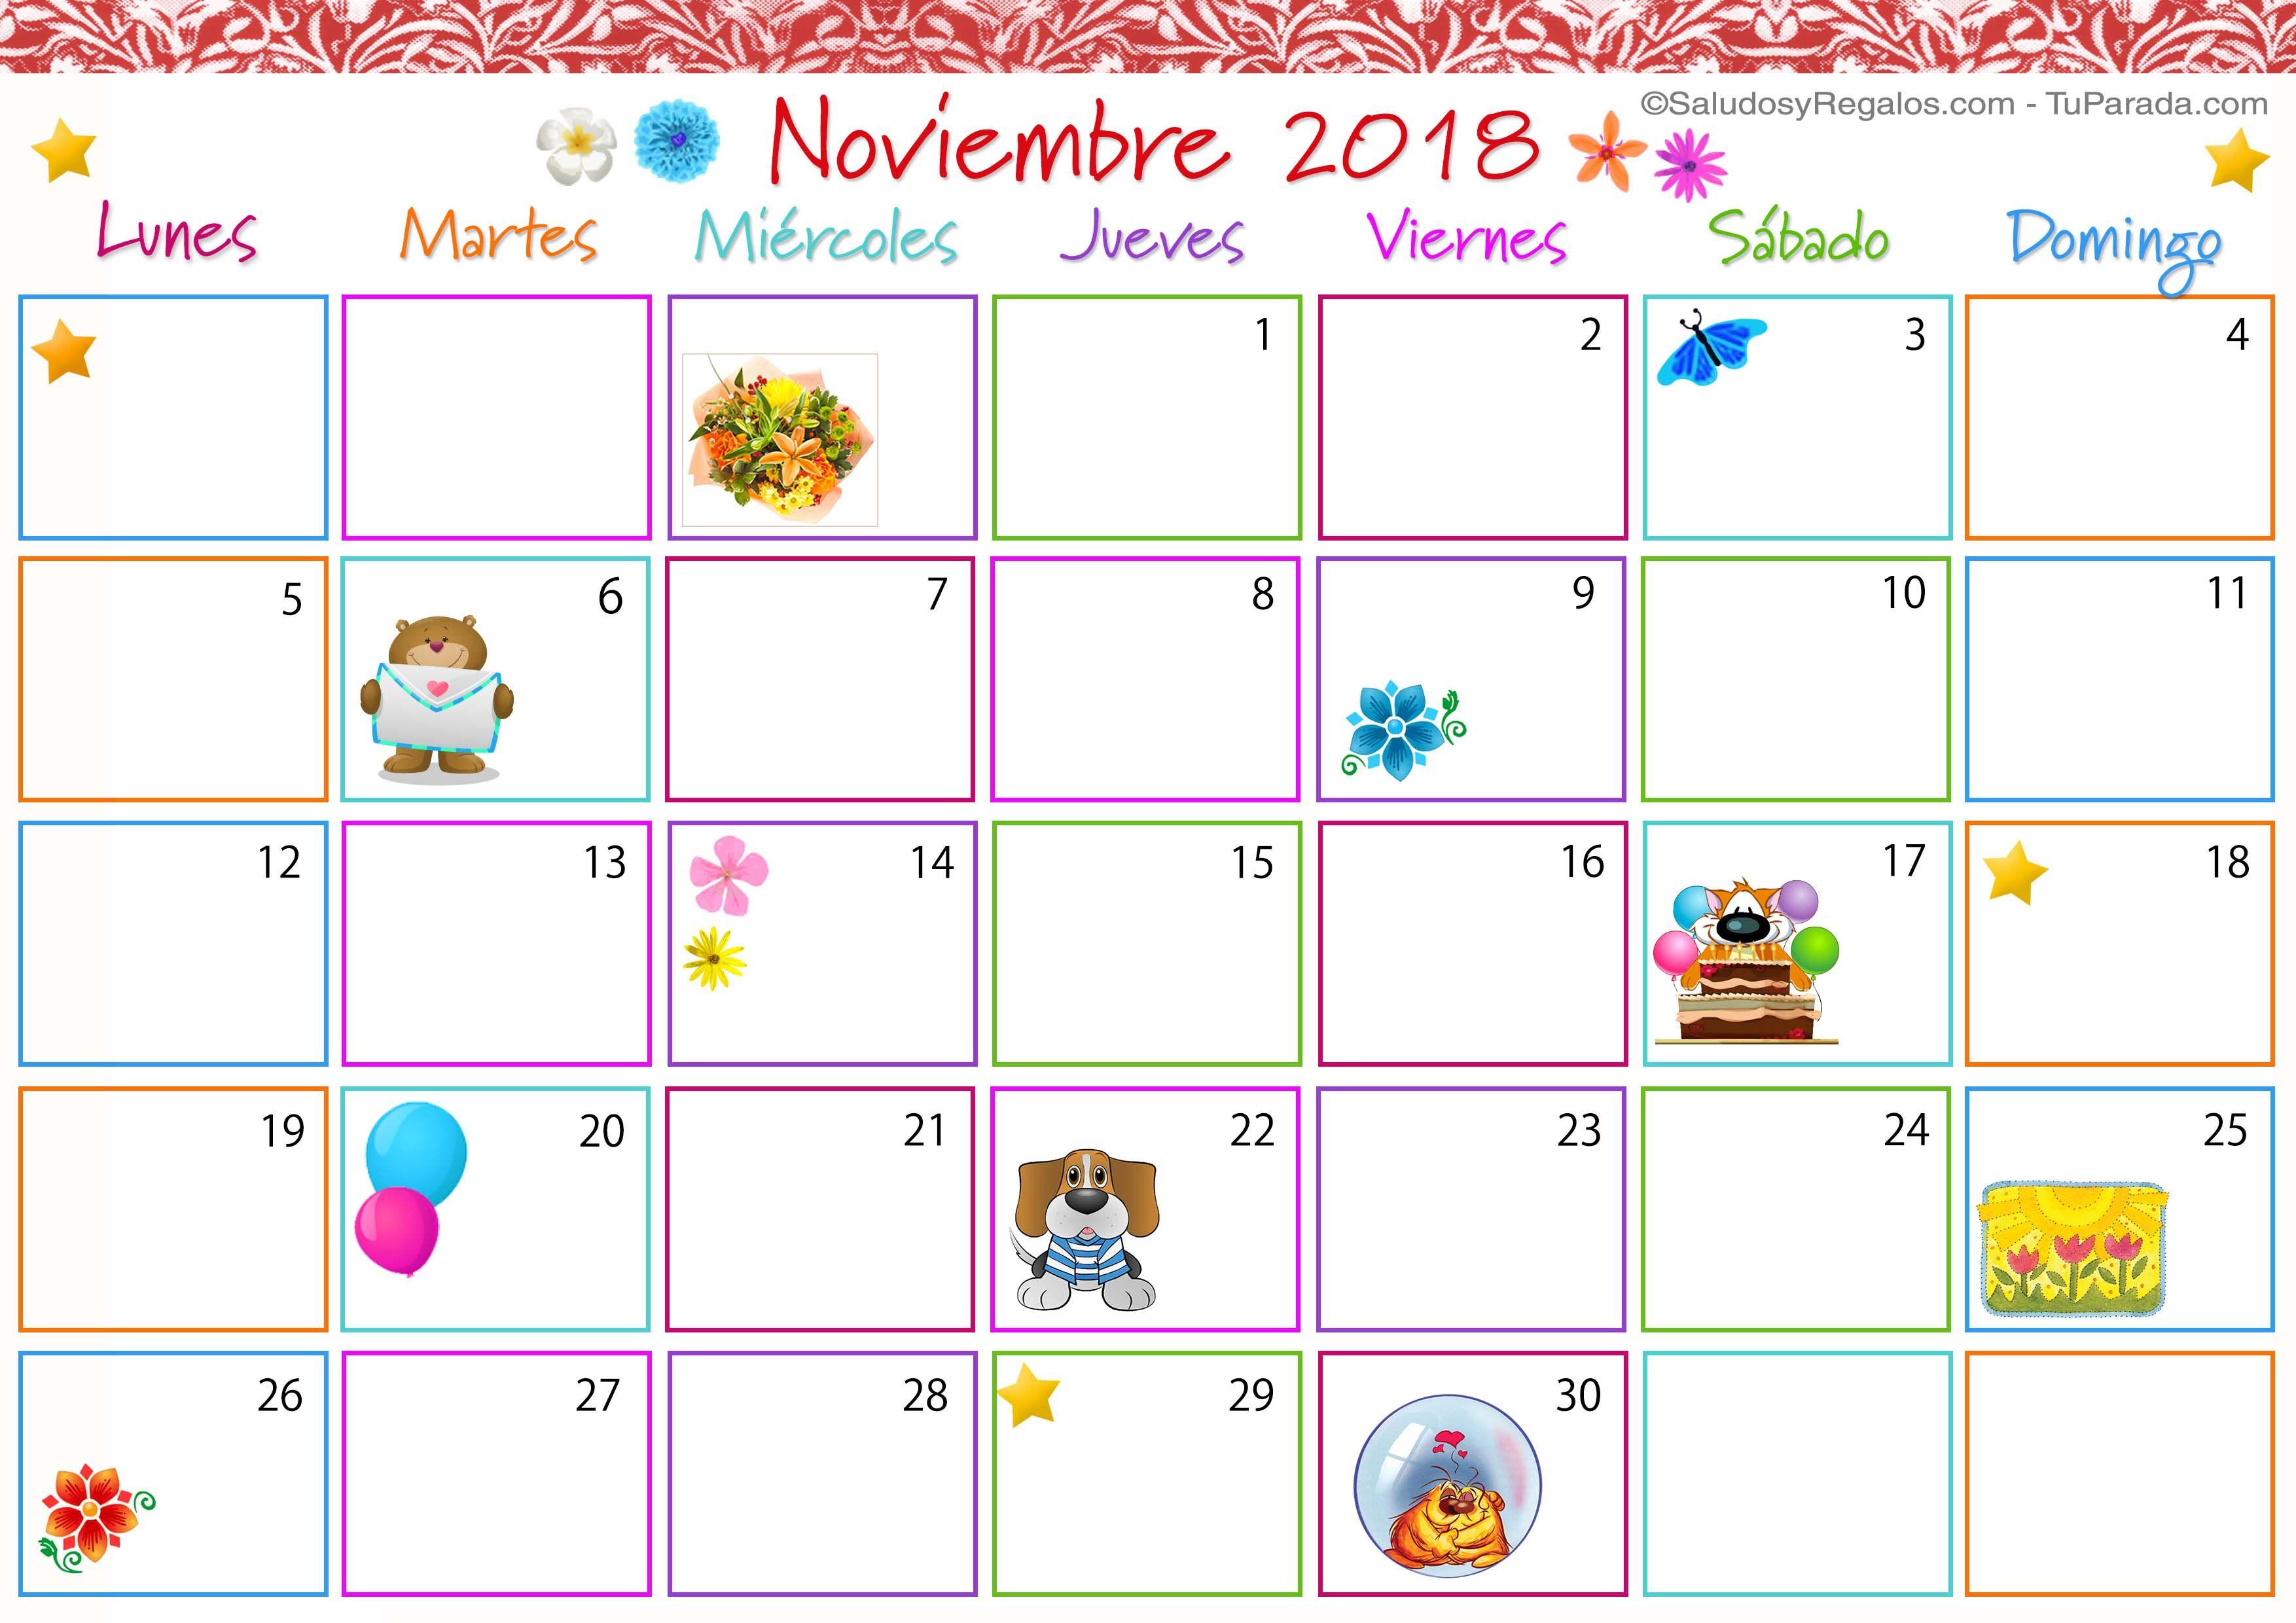 Calendario Mes De Noviembre 2018 Con Festivos Noviembre